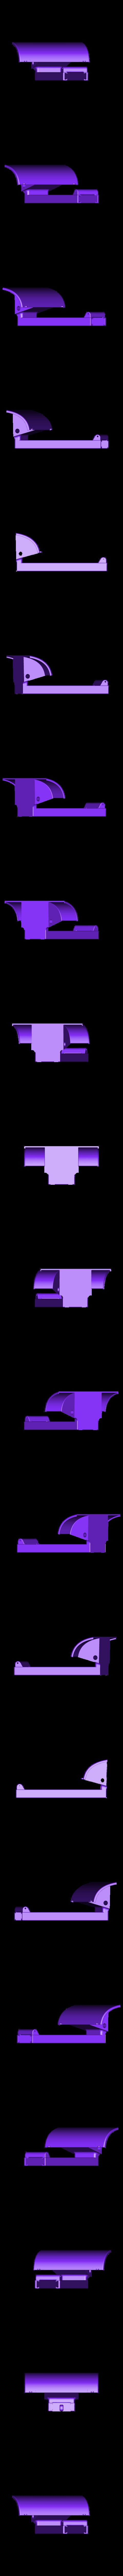 forks_pole_black.stl Download free STL file Fenwick Linde H40 forklift with moving parts • 3D printer design, xTremePower